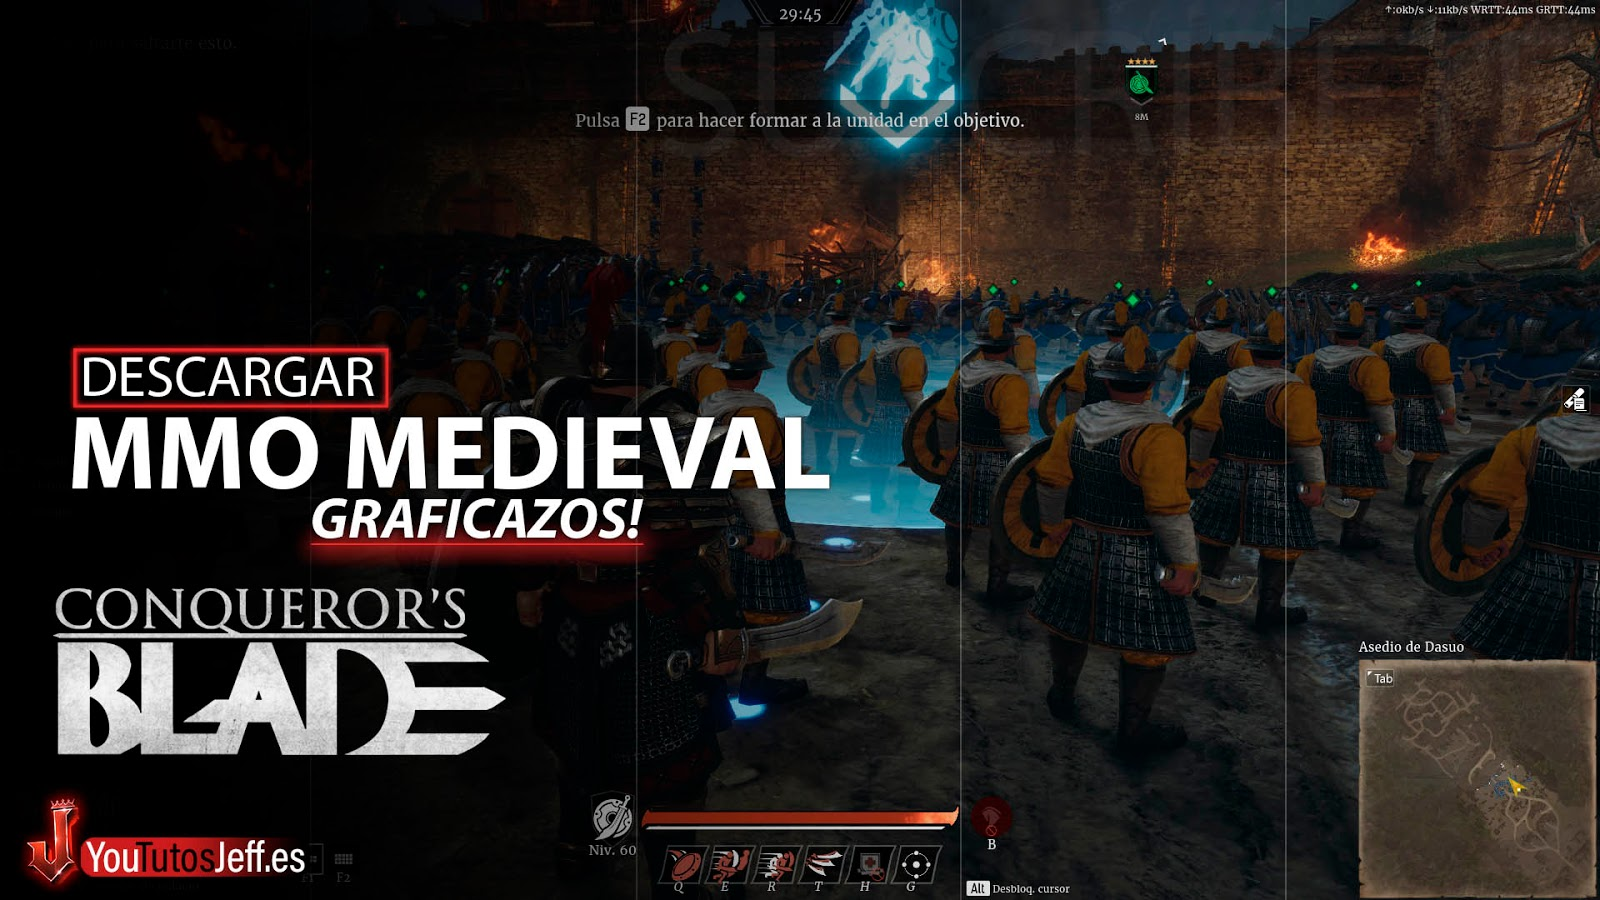 MMO Medieval, Descargar Conqueror's Blade para PC Gratis Español